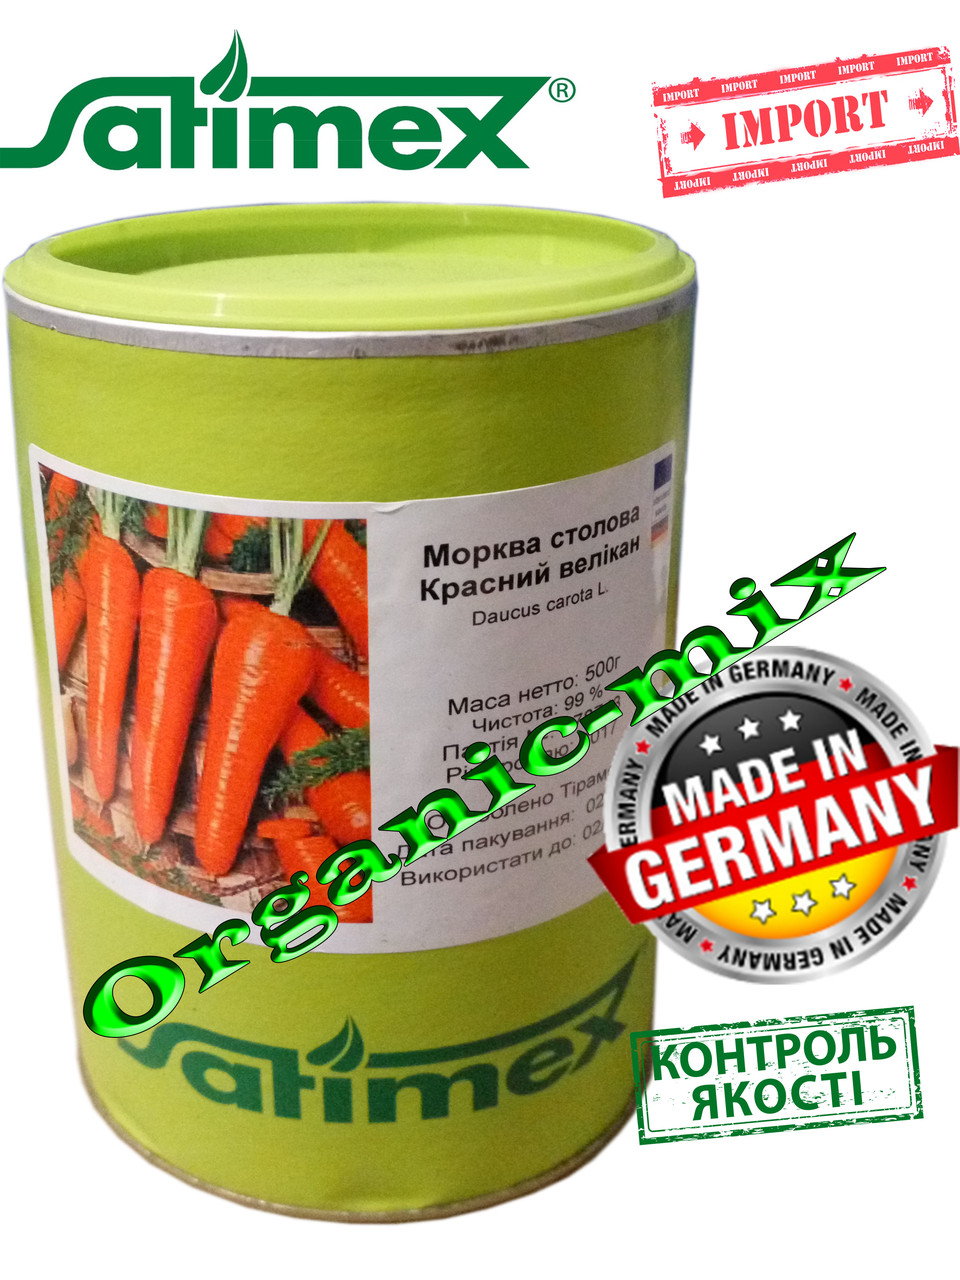 Морковь поздняя Красный Великан, Satimex (Германия), фермерская фасовка банка 500 грамм